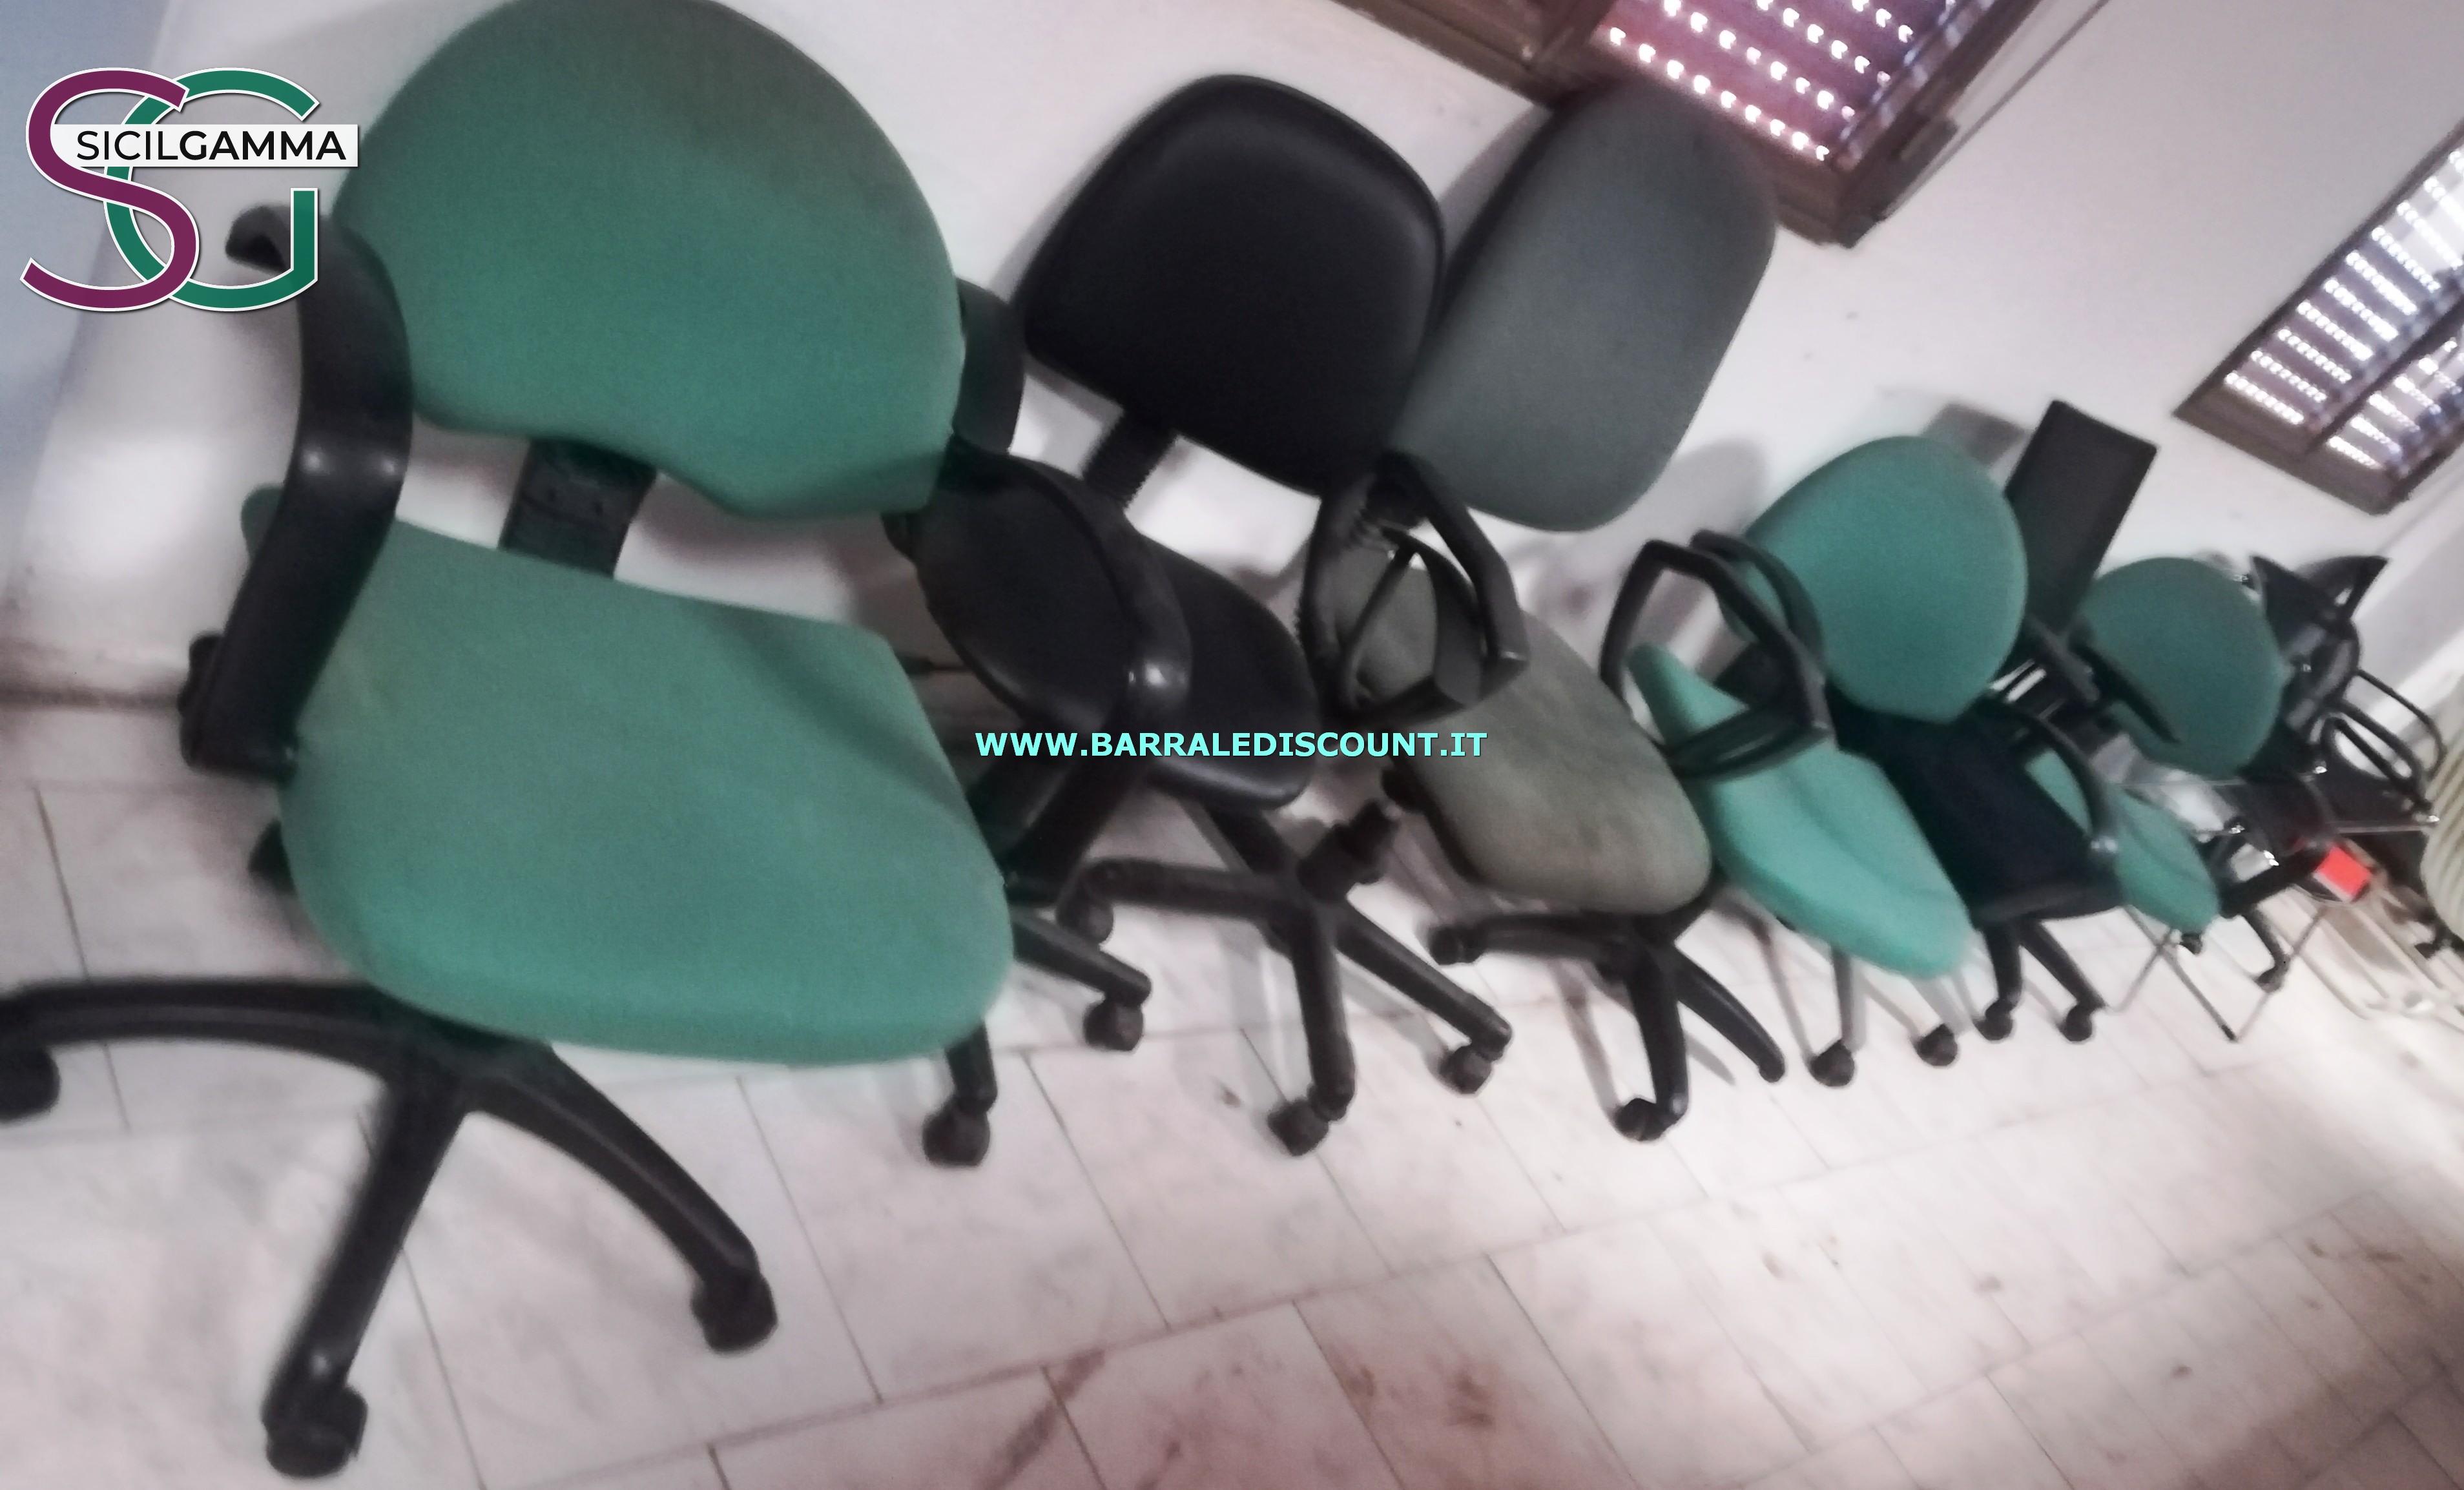 Sedie ufficio 4415 barrale discount for Negozi sedie ufficio